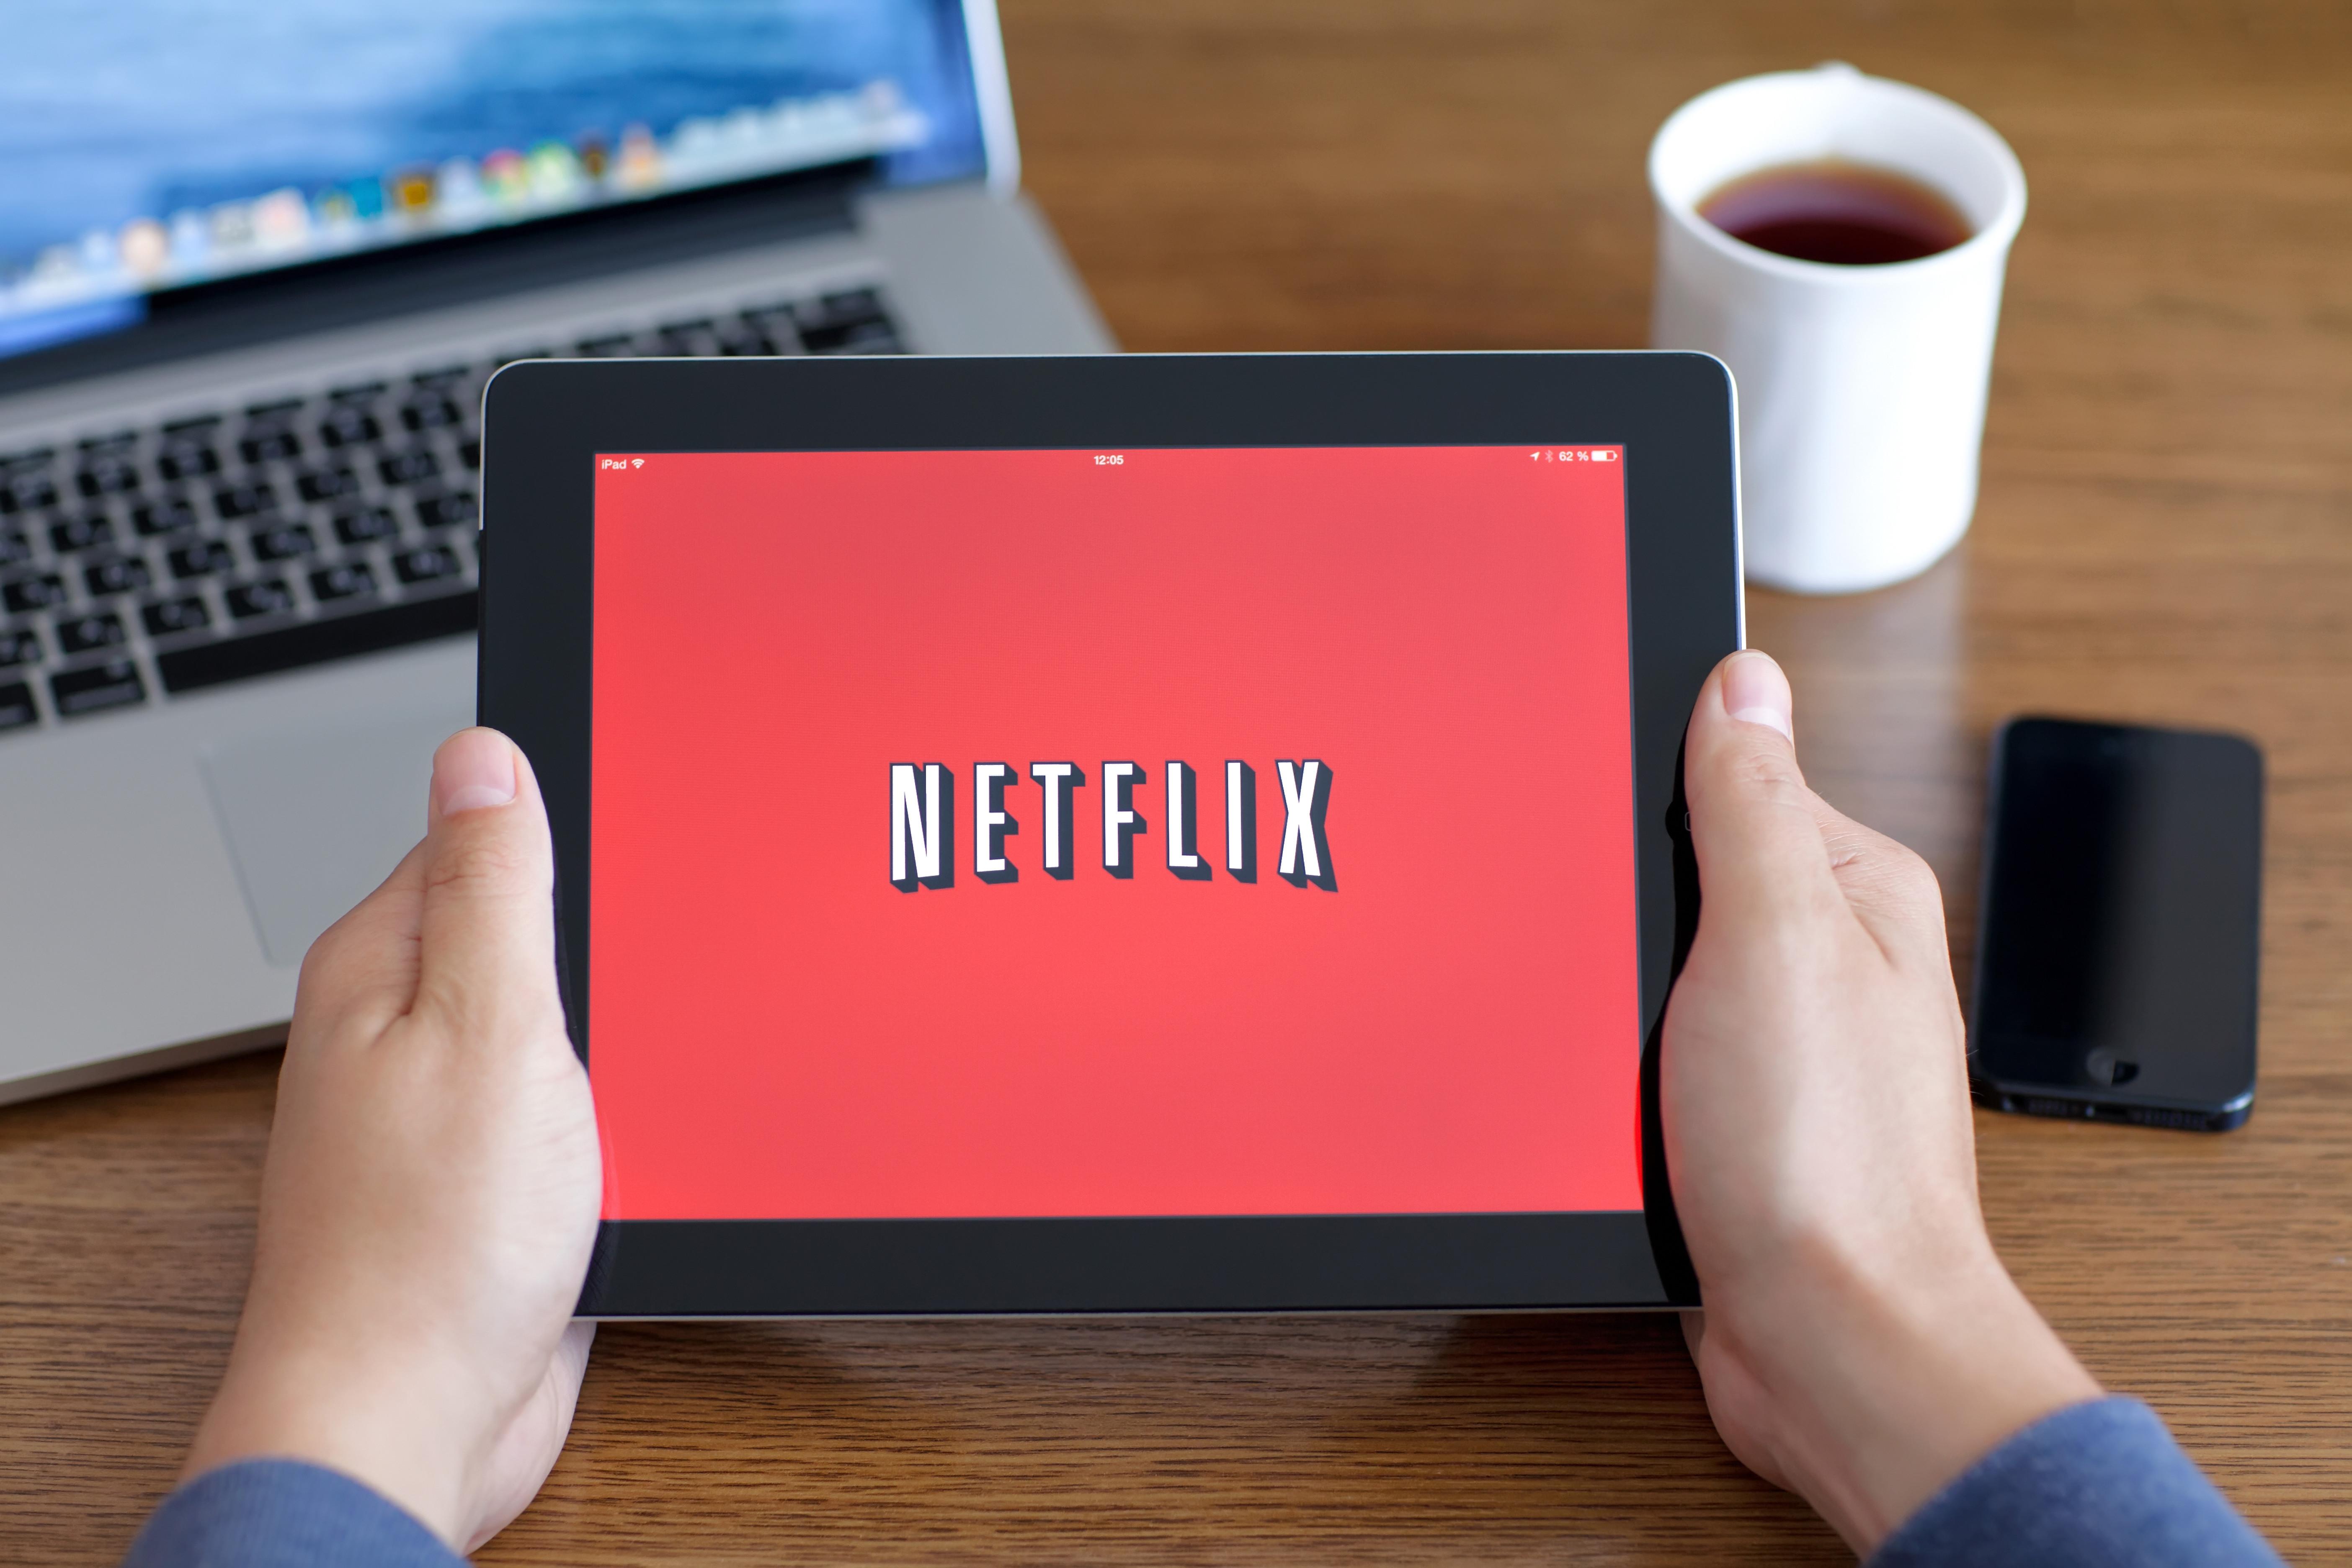 Netflix consome 15% do tráfego de internet no mundo, diz estudo